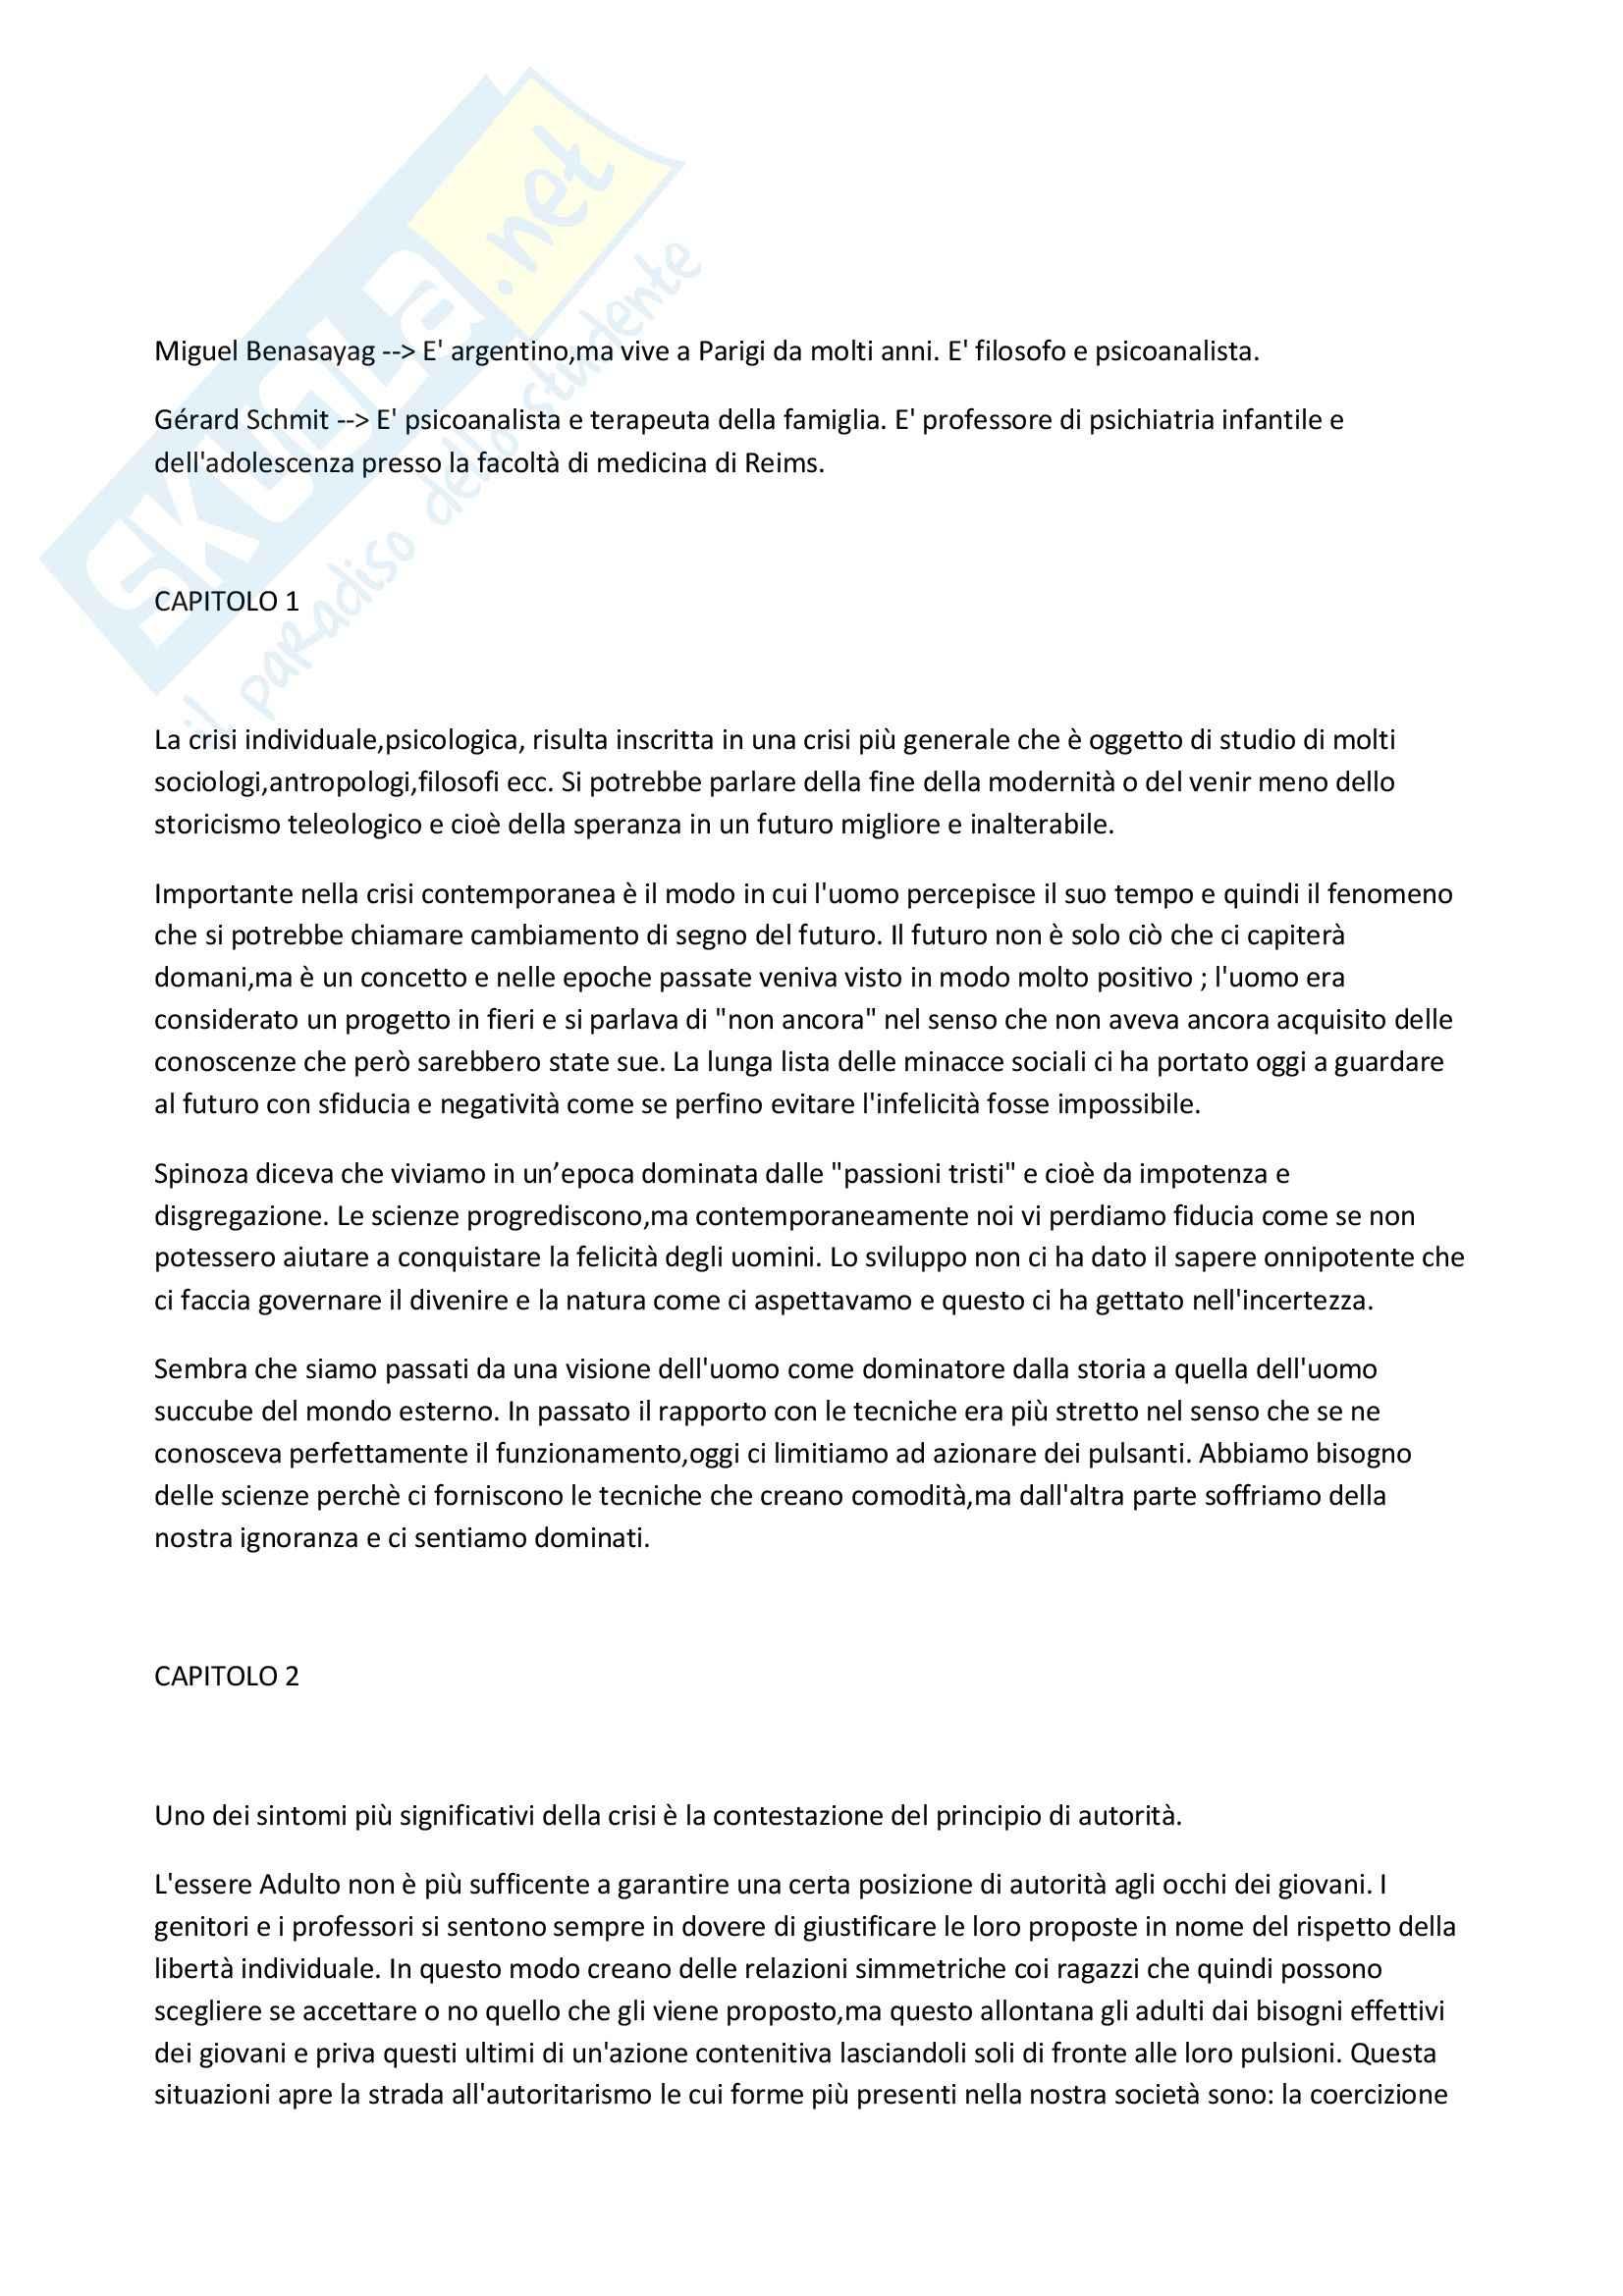 Riassunto esame Sociologia, prof. Tognetti, libro consigliato Epoca delle passioni tristi, Benasayag, Schmit